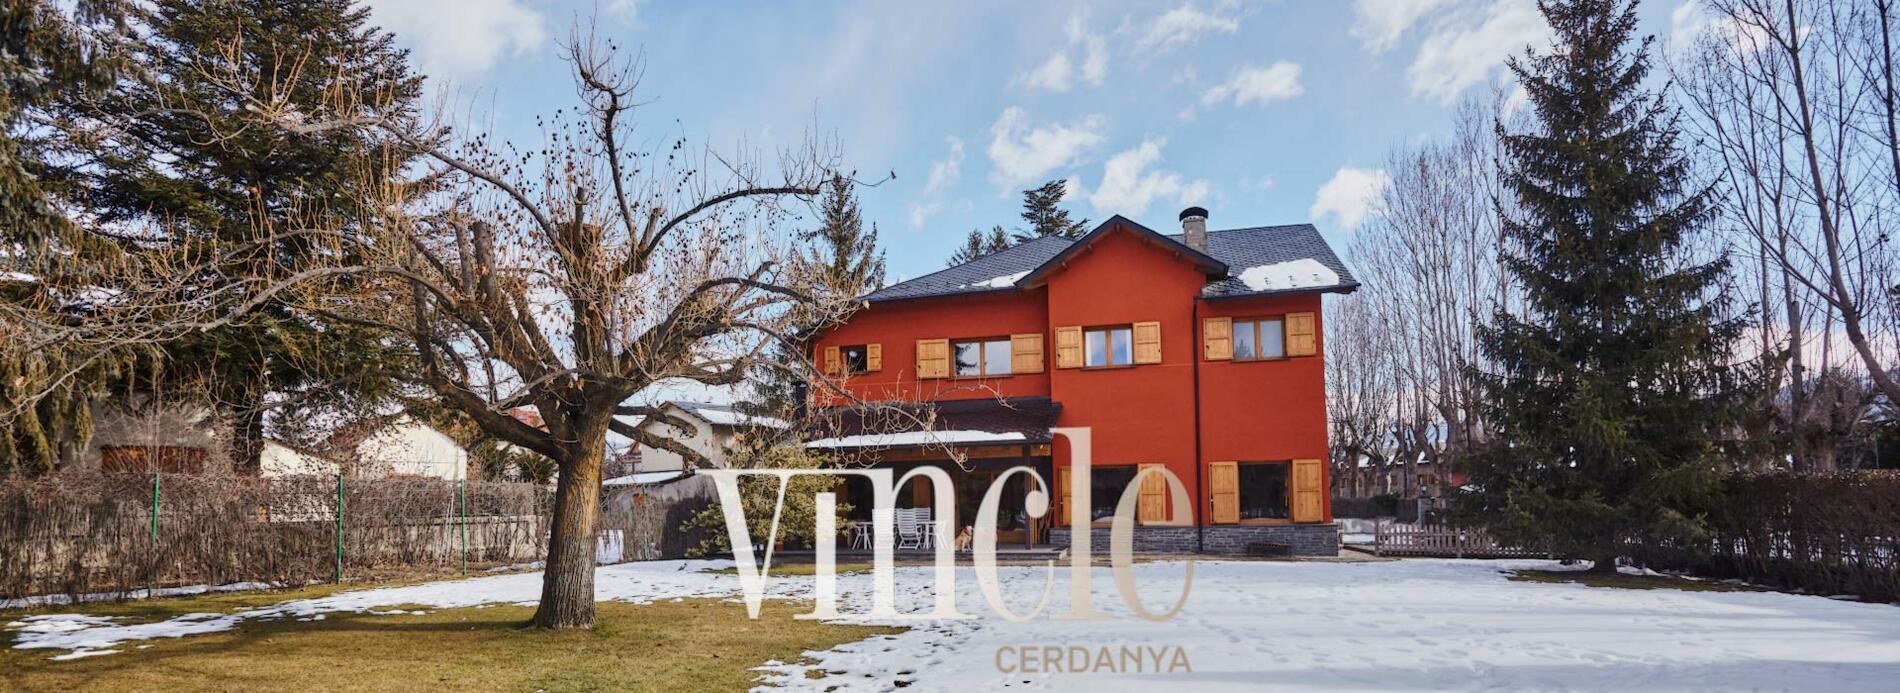 Comprar casa singular en puigcerd vincle cerdanya - Casas en puigcerda ...